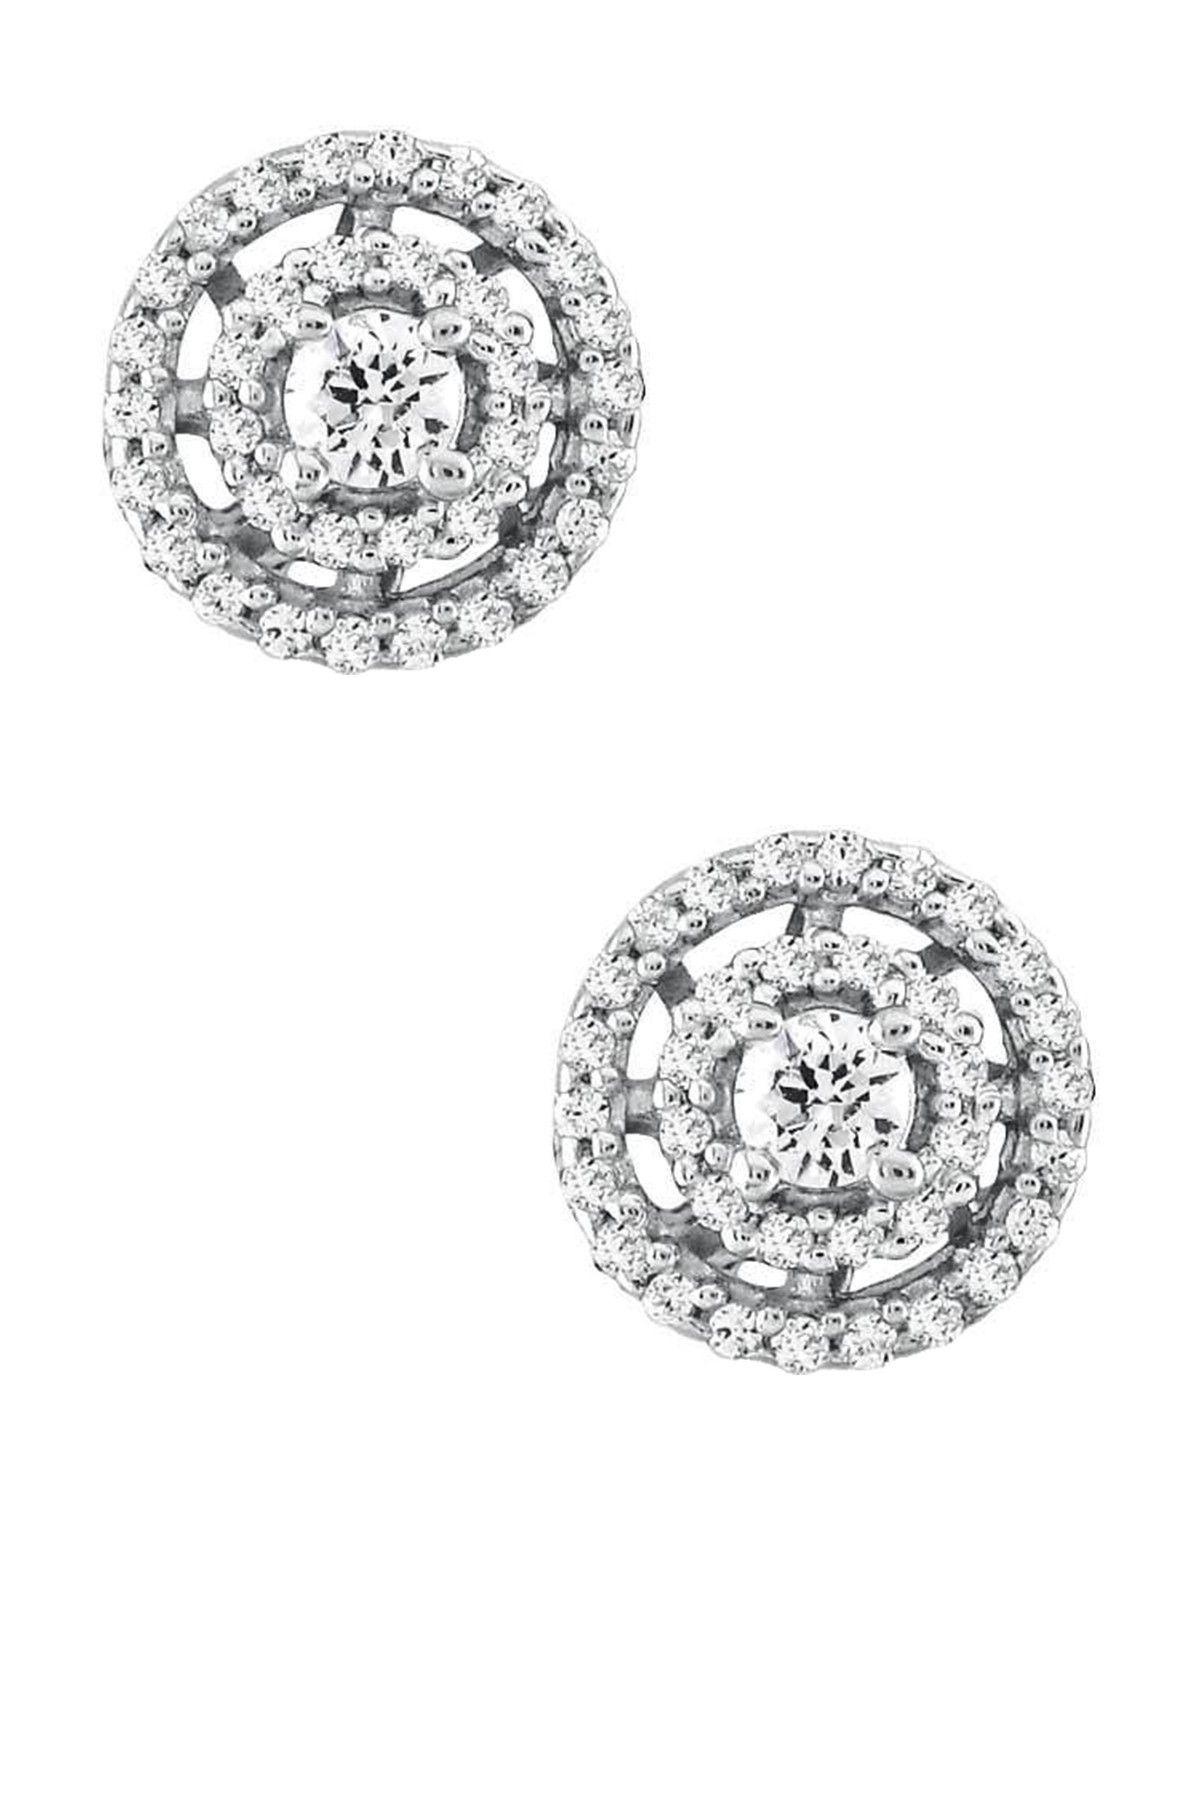 Elani Jewelry